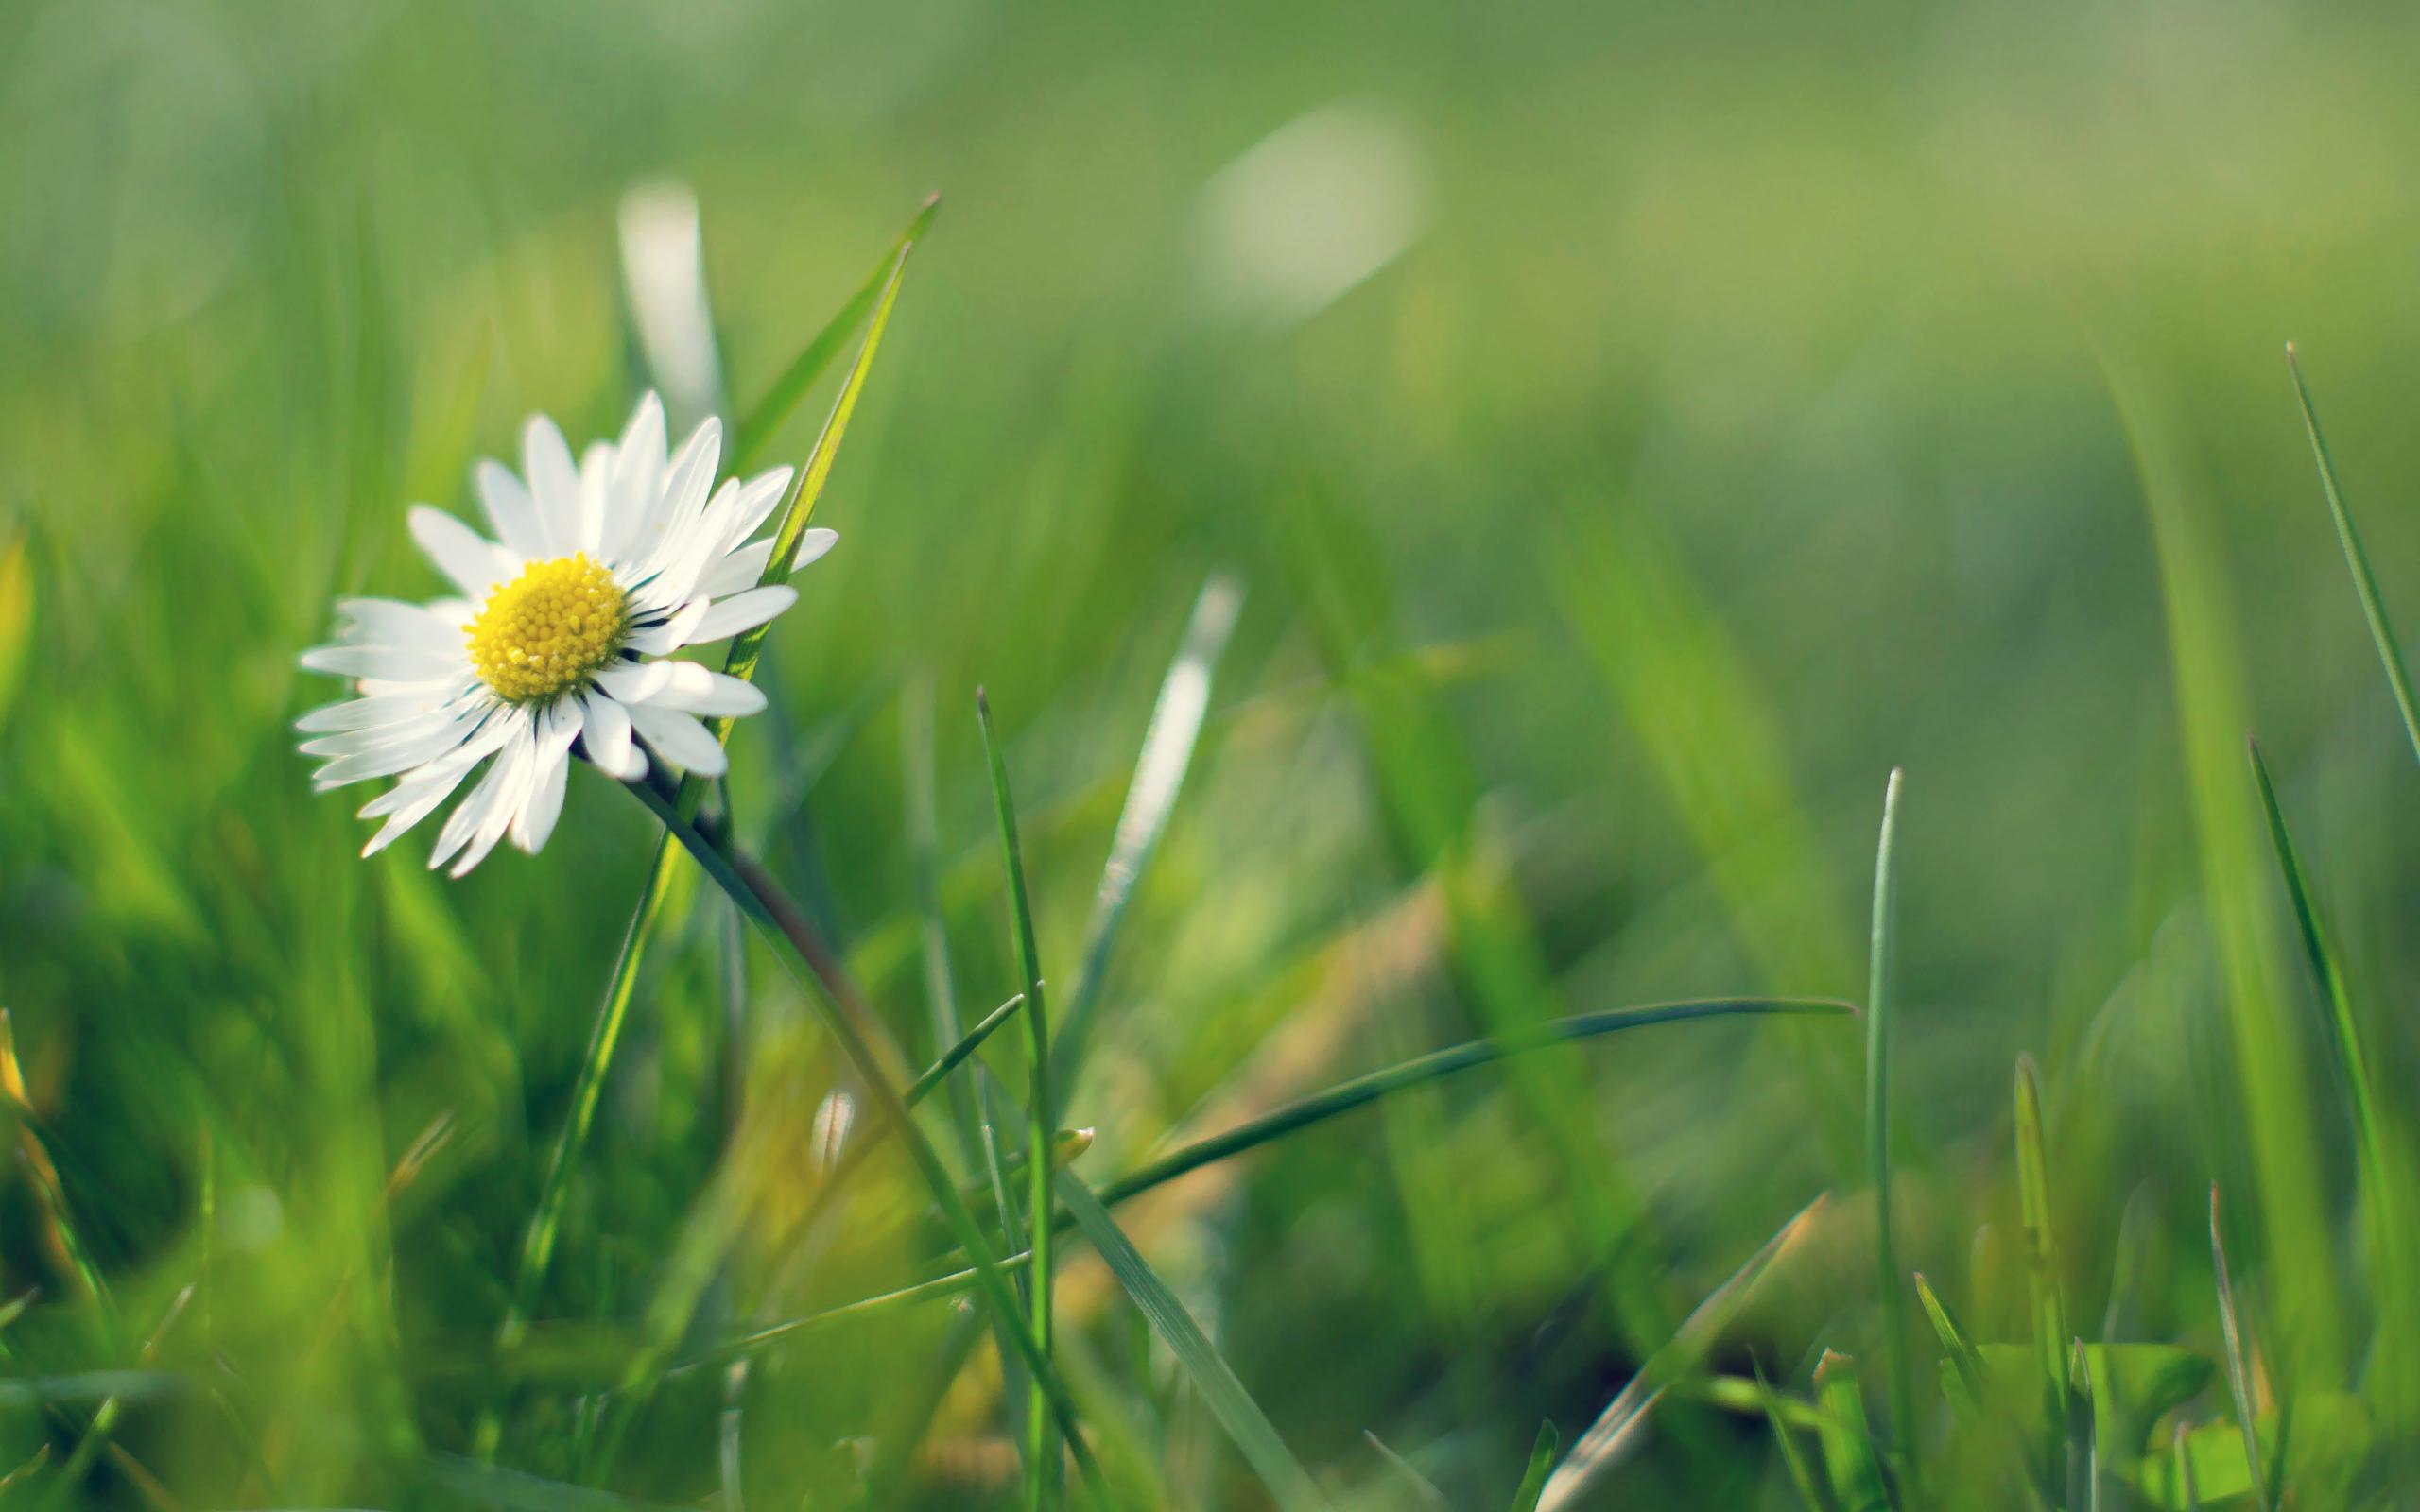 ромашки трава chamomile grass  № 3837793 без смс